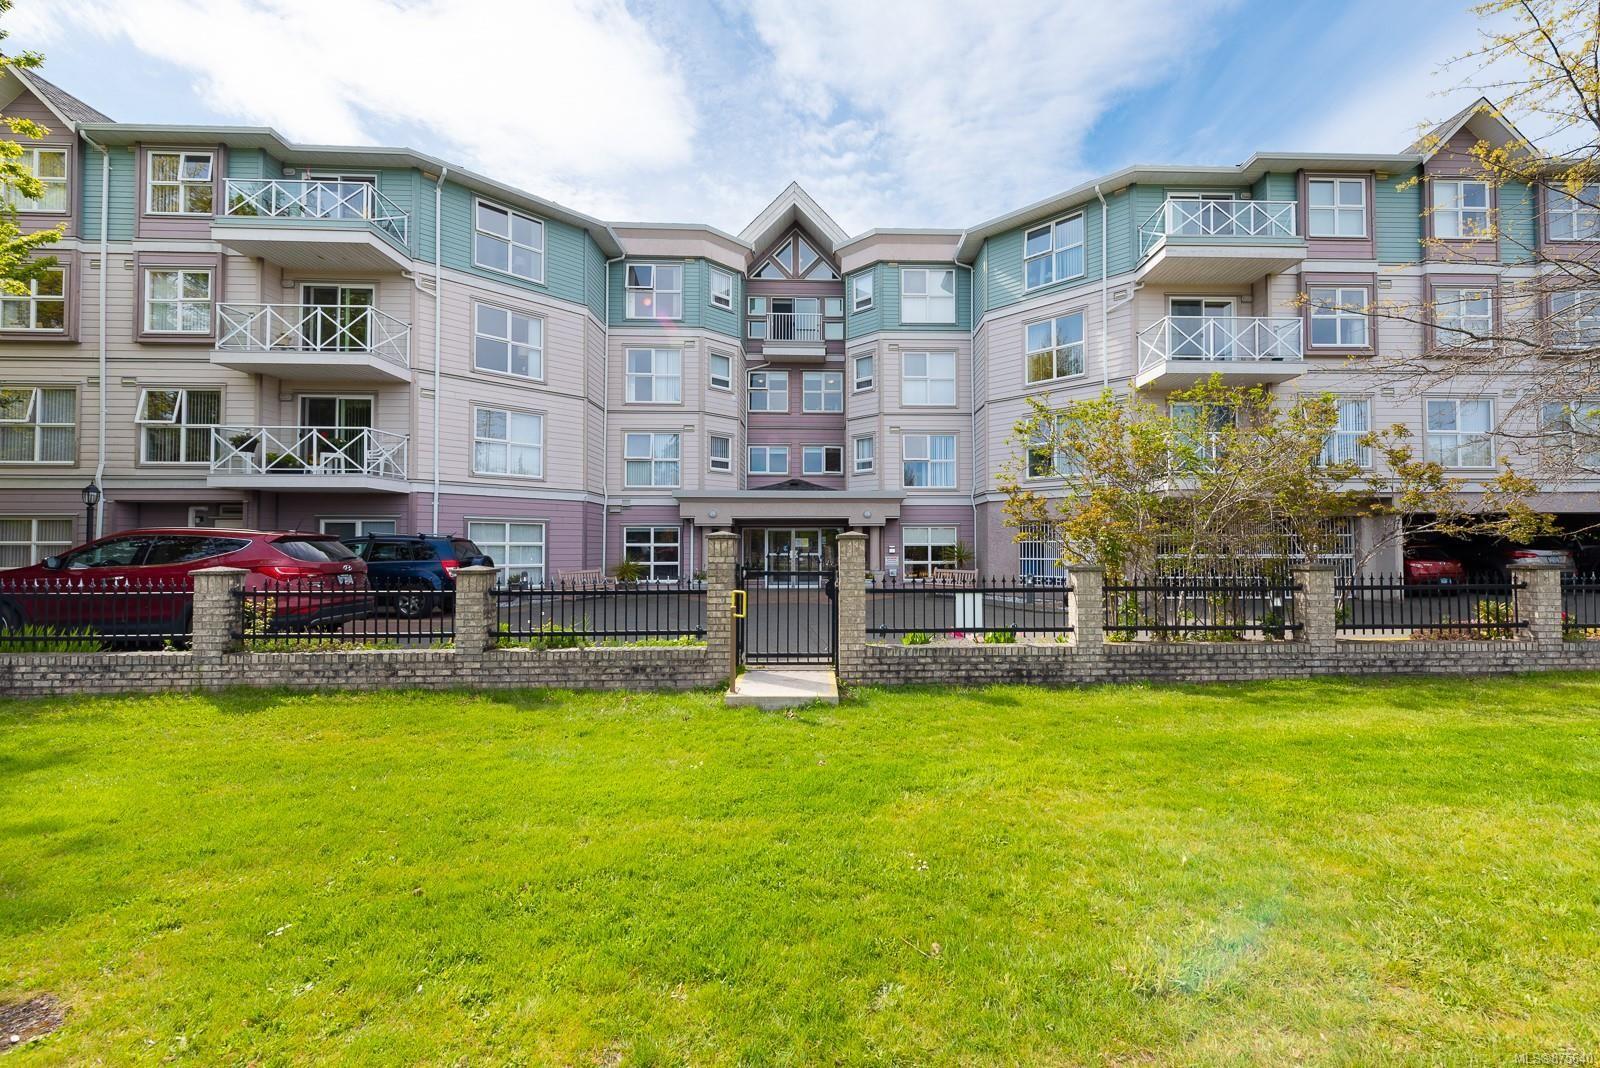 Main Photo: 301 1683 Balmoral Ave in : CV Comox (Town of) Condo for sale (Comox Valley)  : MLS®# 875640